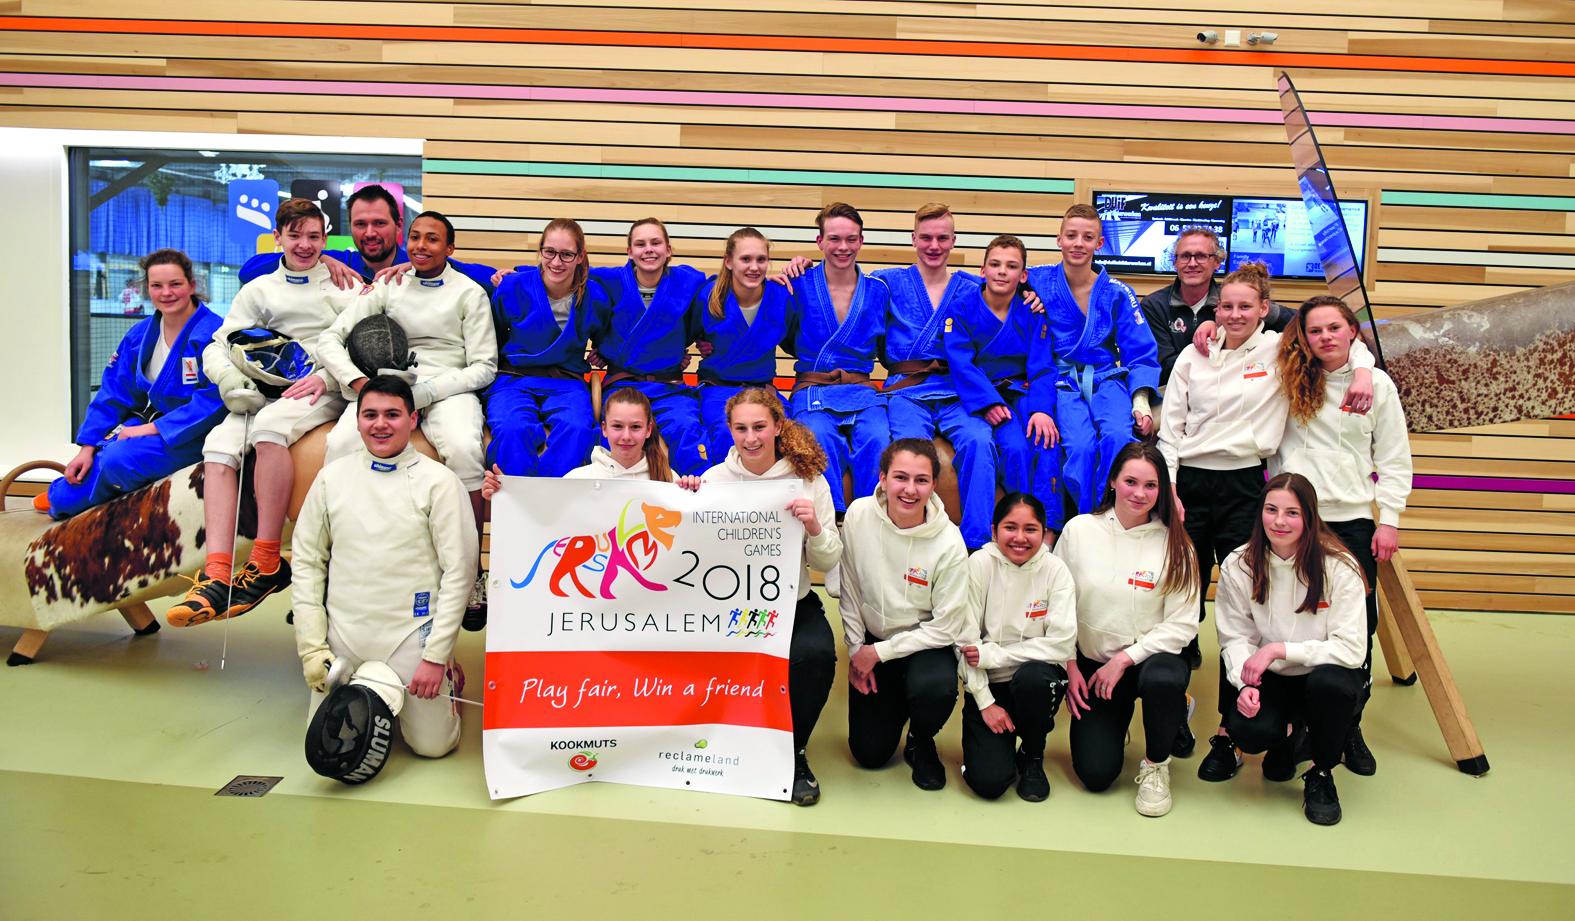 Een Alkmaarse delegatie van zeven judoka's, acht voetbalsters en drie schermers reist op 27 juli af naar Israël voor de International Children's Games (ICG) (Foto: aangeleverd)